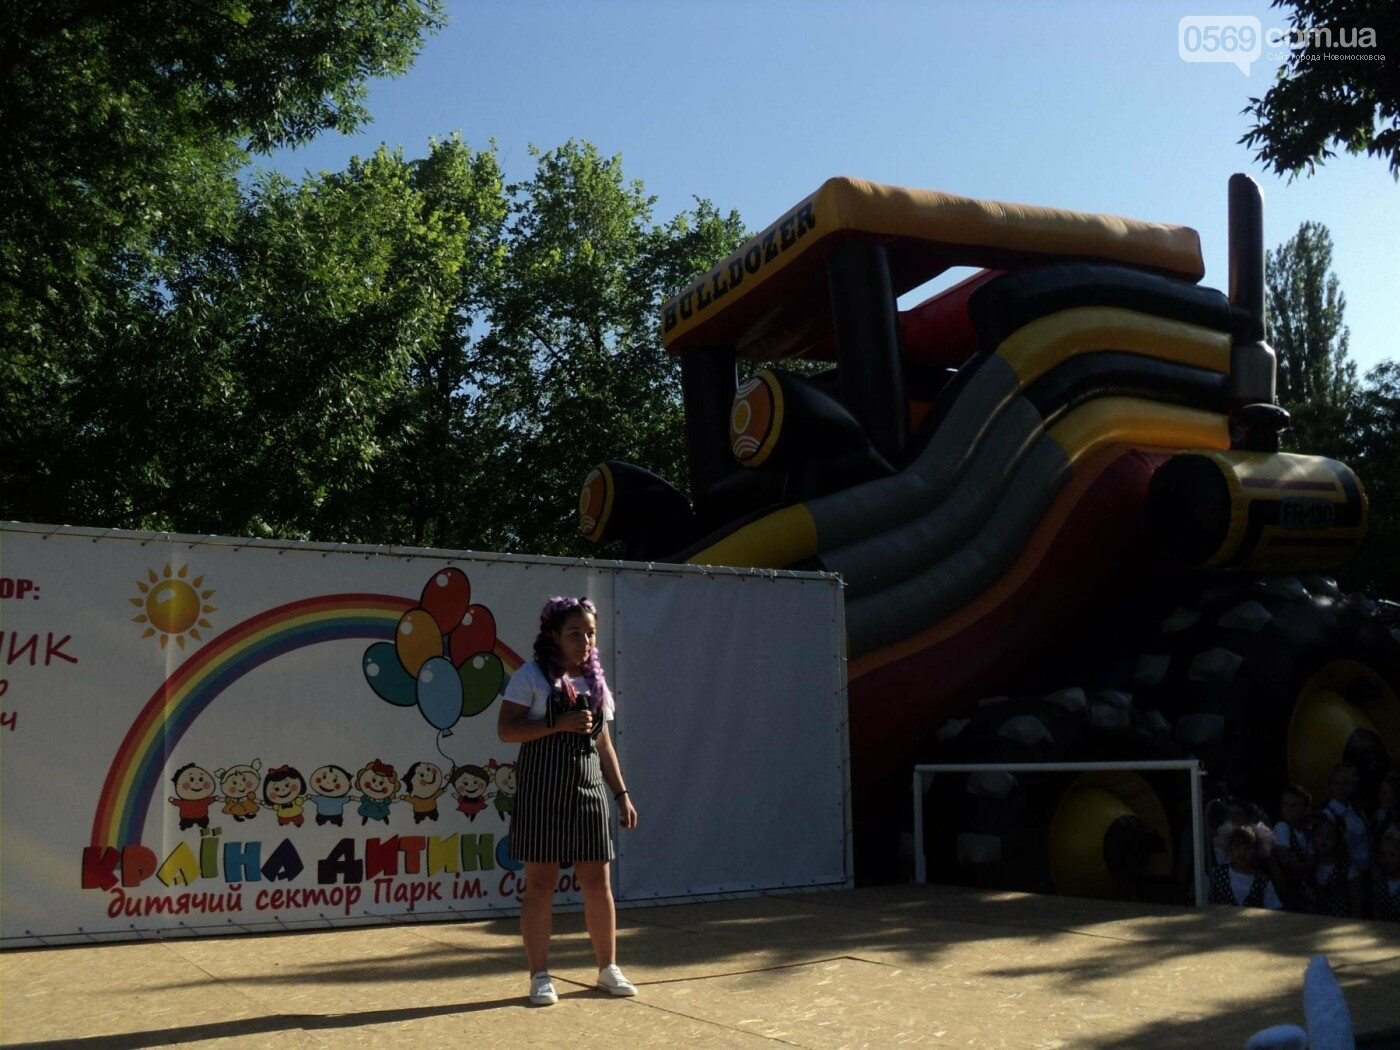 Юні артисти Новомосковська влаштували яскравий концерт до Міжнародного дня захисту дітей, фото-11